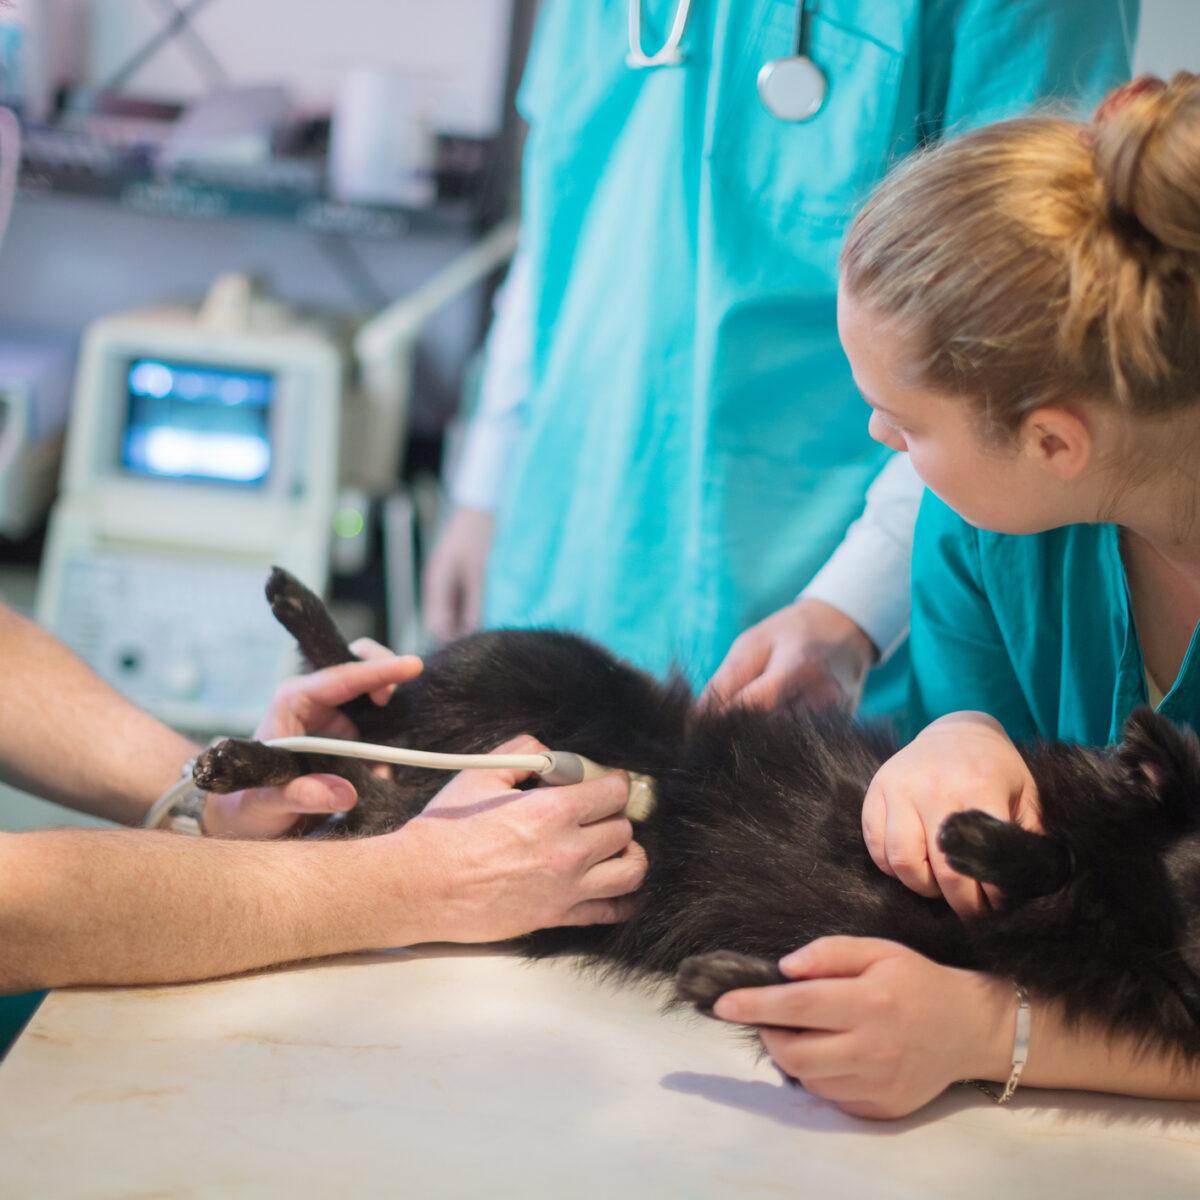 Dlaczego warto robić profilaktycznie USG zwierzakom?